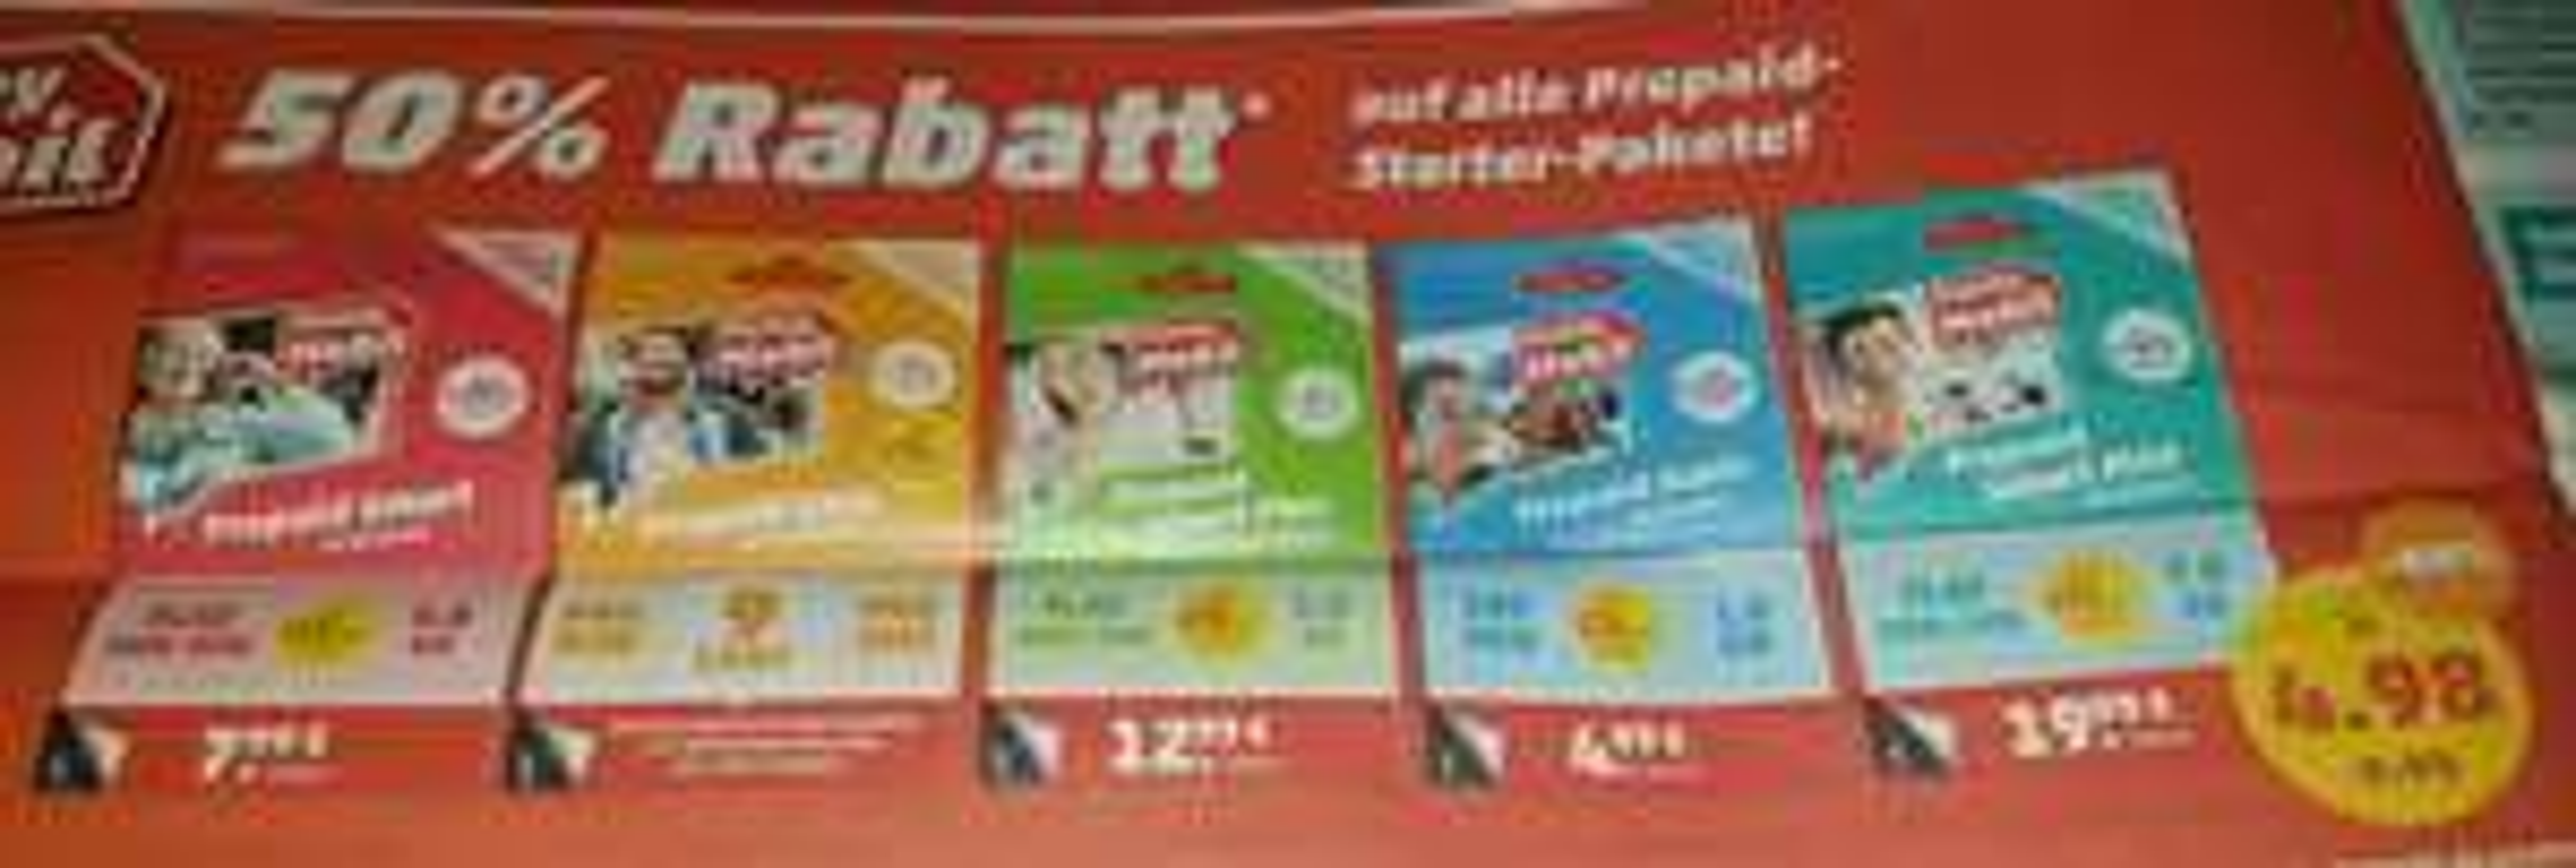 Penny Mobil Prepaid (D1 / Congstar) 50% auf alle Prepaid starter Pakete - auch Online